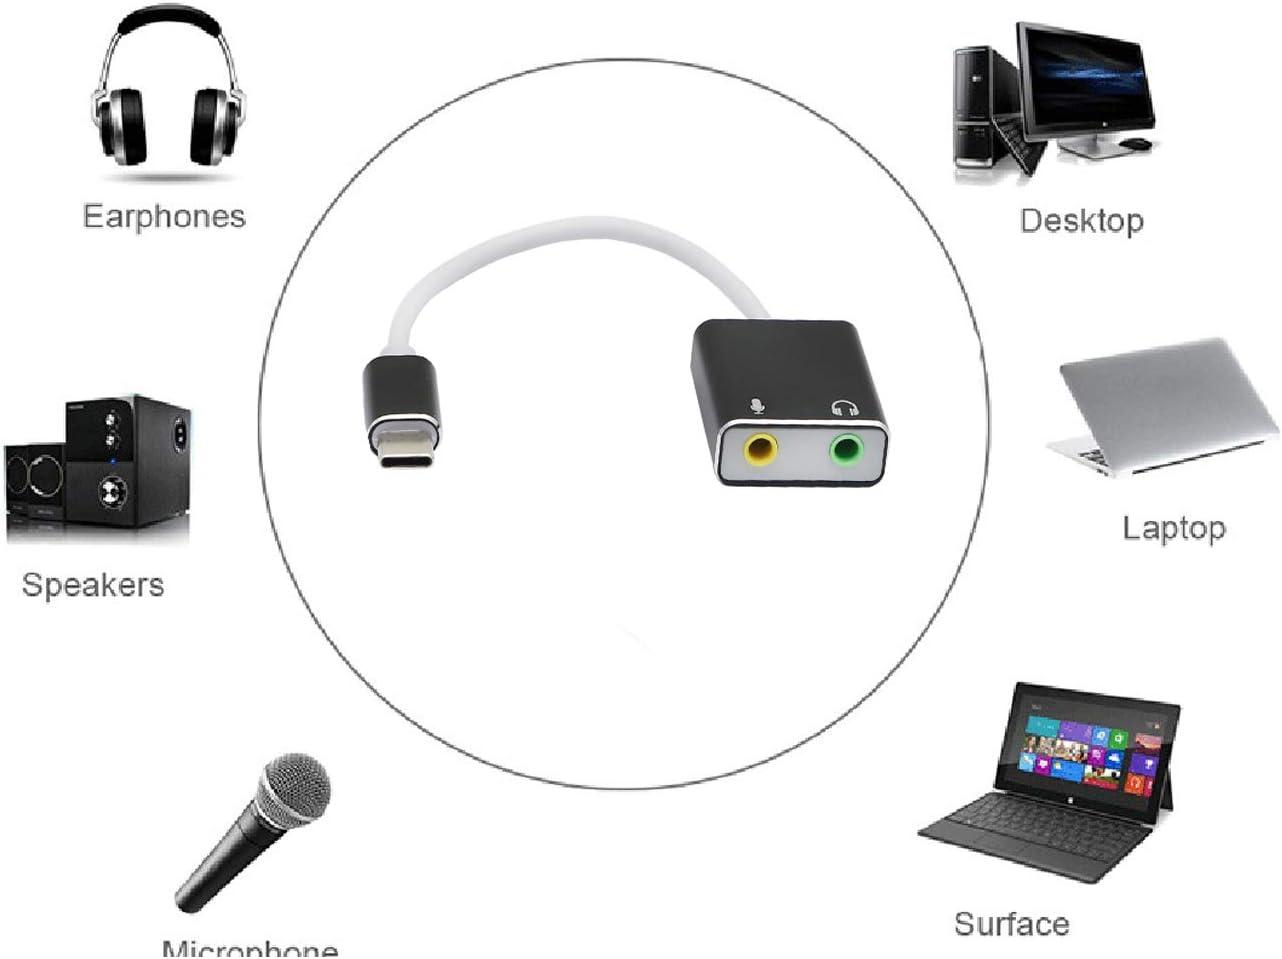 adaptador de tarjeta de audio 7.1 canales Tarjeta de sonido externa USB C tarjeta de sonido est/éreo externa tipo C con jack de 3,5 mm